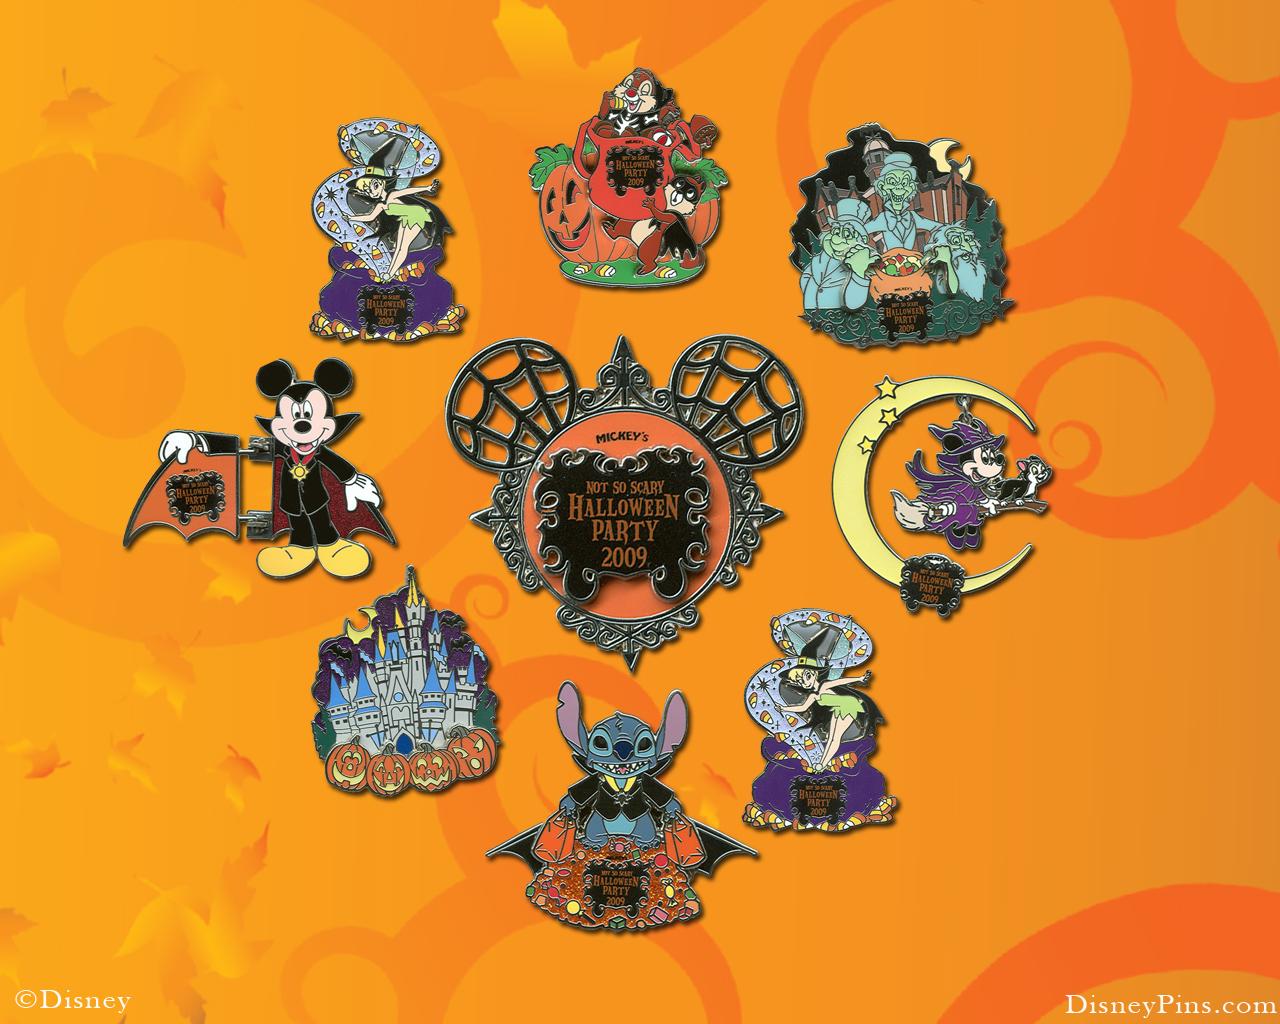 http://3.bp.blogspot.com/-zVHPwWxTIjA/UHWjtuojpmI/AAAAAAAAHNA/Jt_nWp1E-dk/s1600/Disney+Halloween+Wallpaper+009.jpg